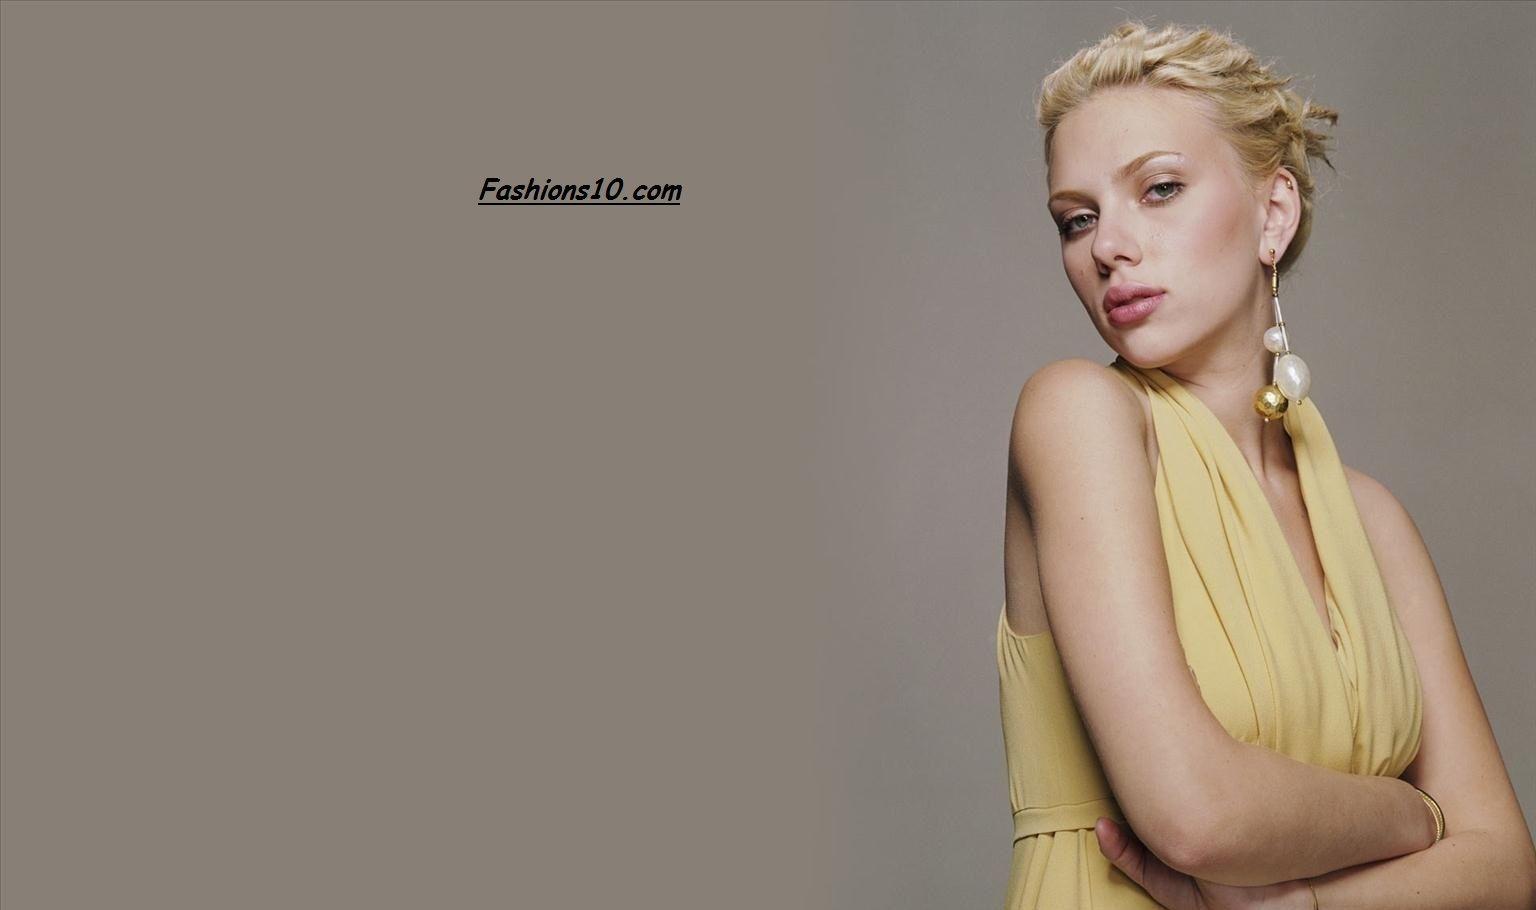 hot scarlett johansson hd wallpaper | http://www.fashions10/hot